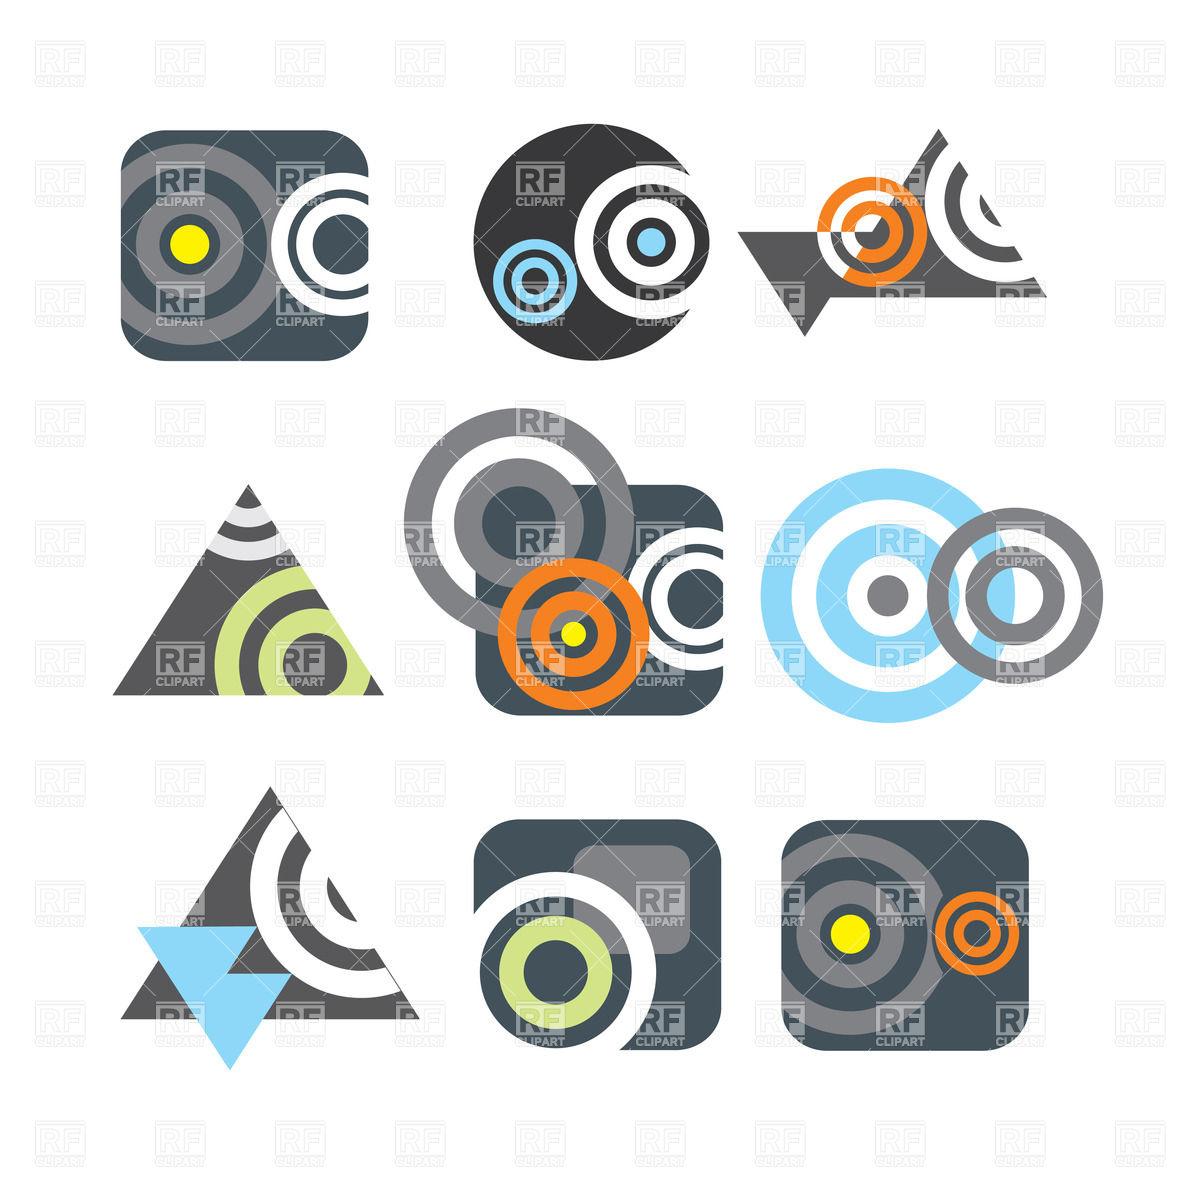 1200x1200 Design Elements And Symbols